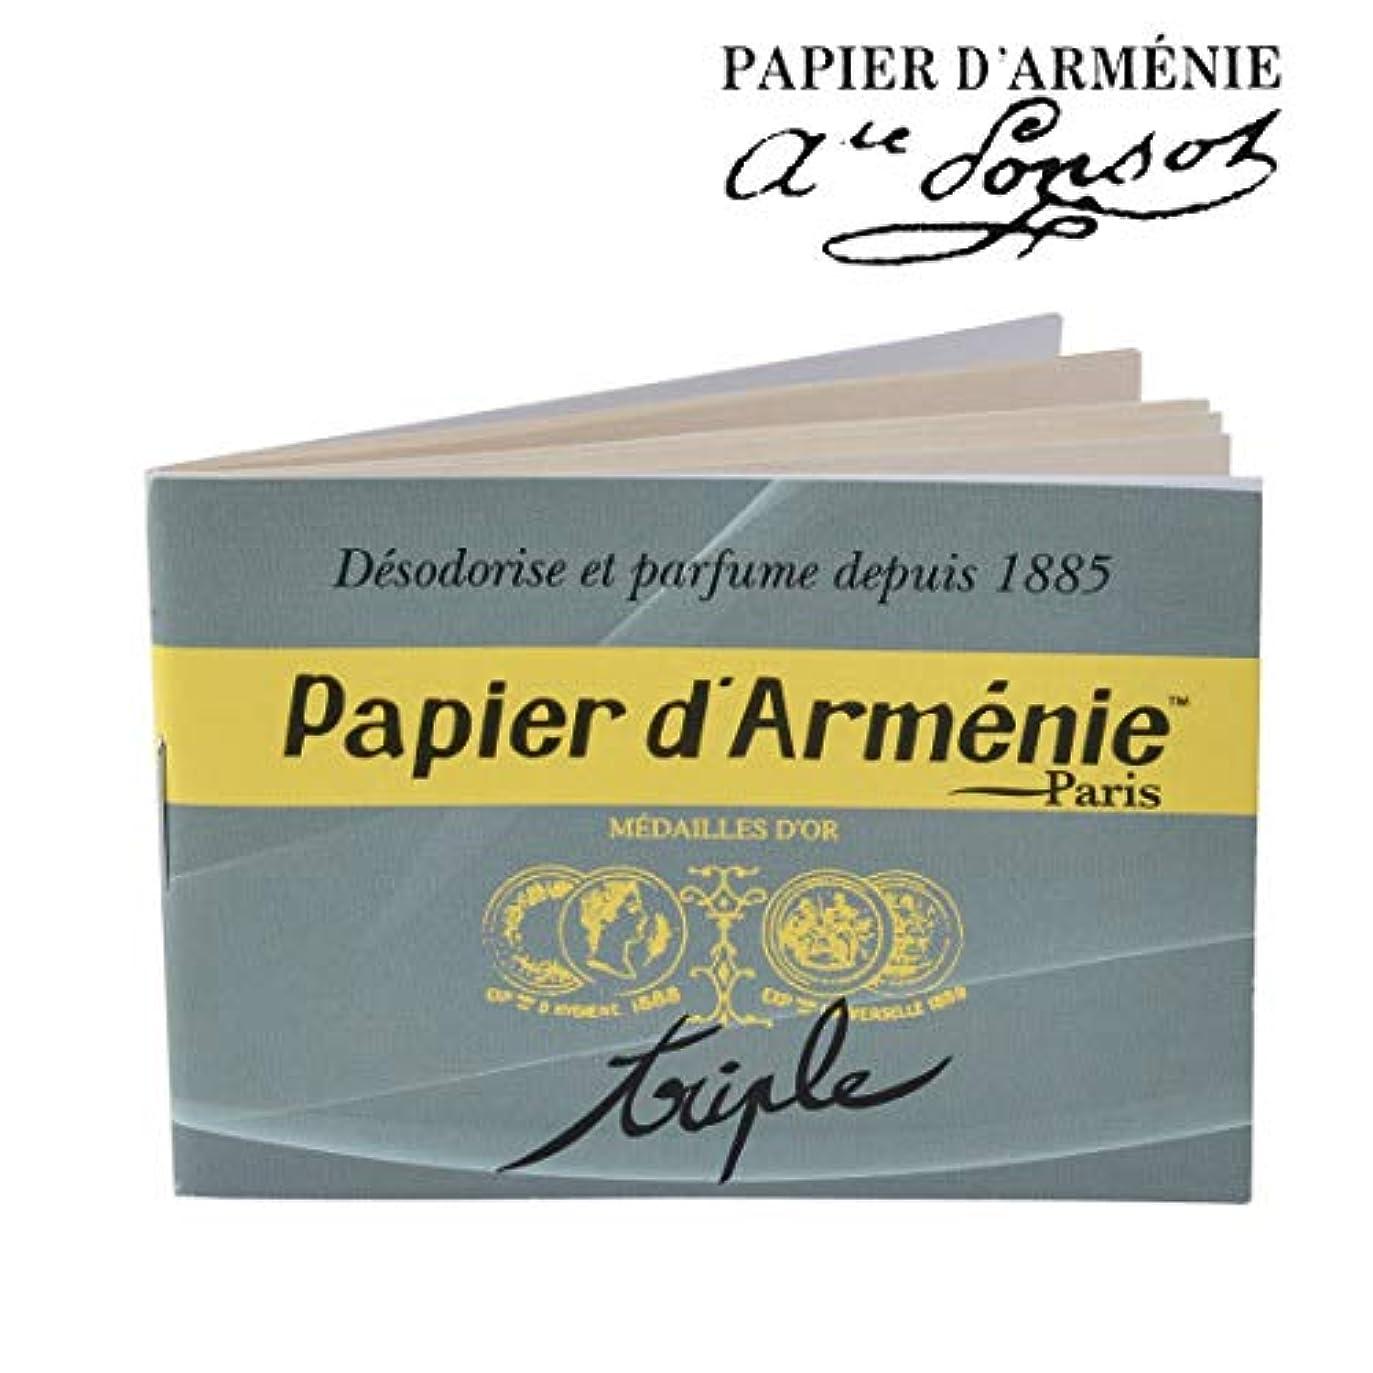 芽促すミリメーターpapier d armenie パピエダルメニイ トリプル